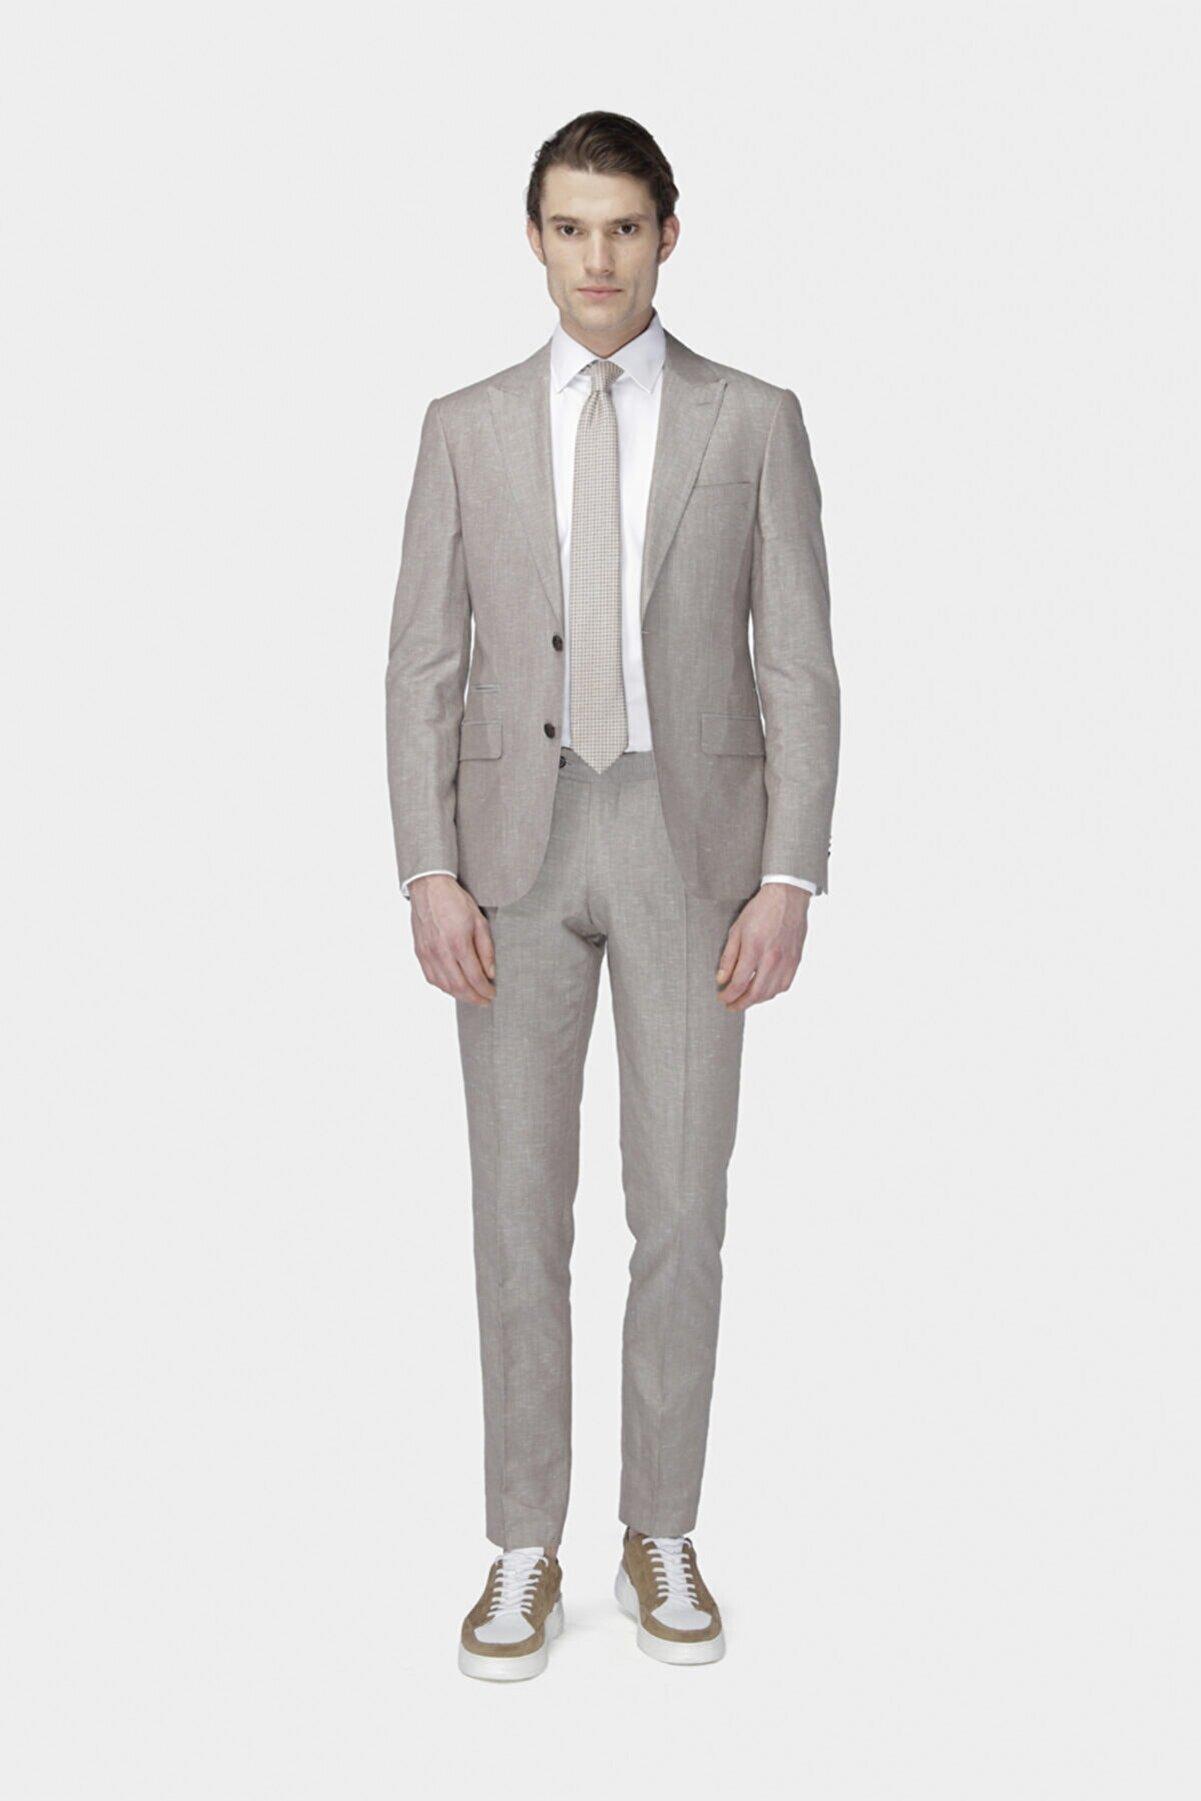 W Collection Erkek Takım Elbise